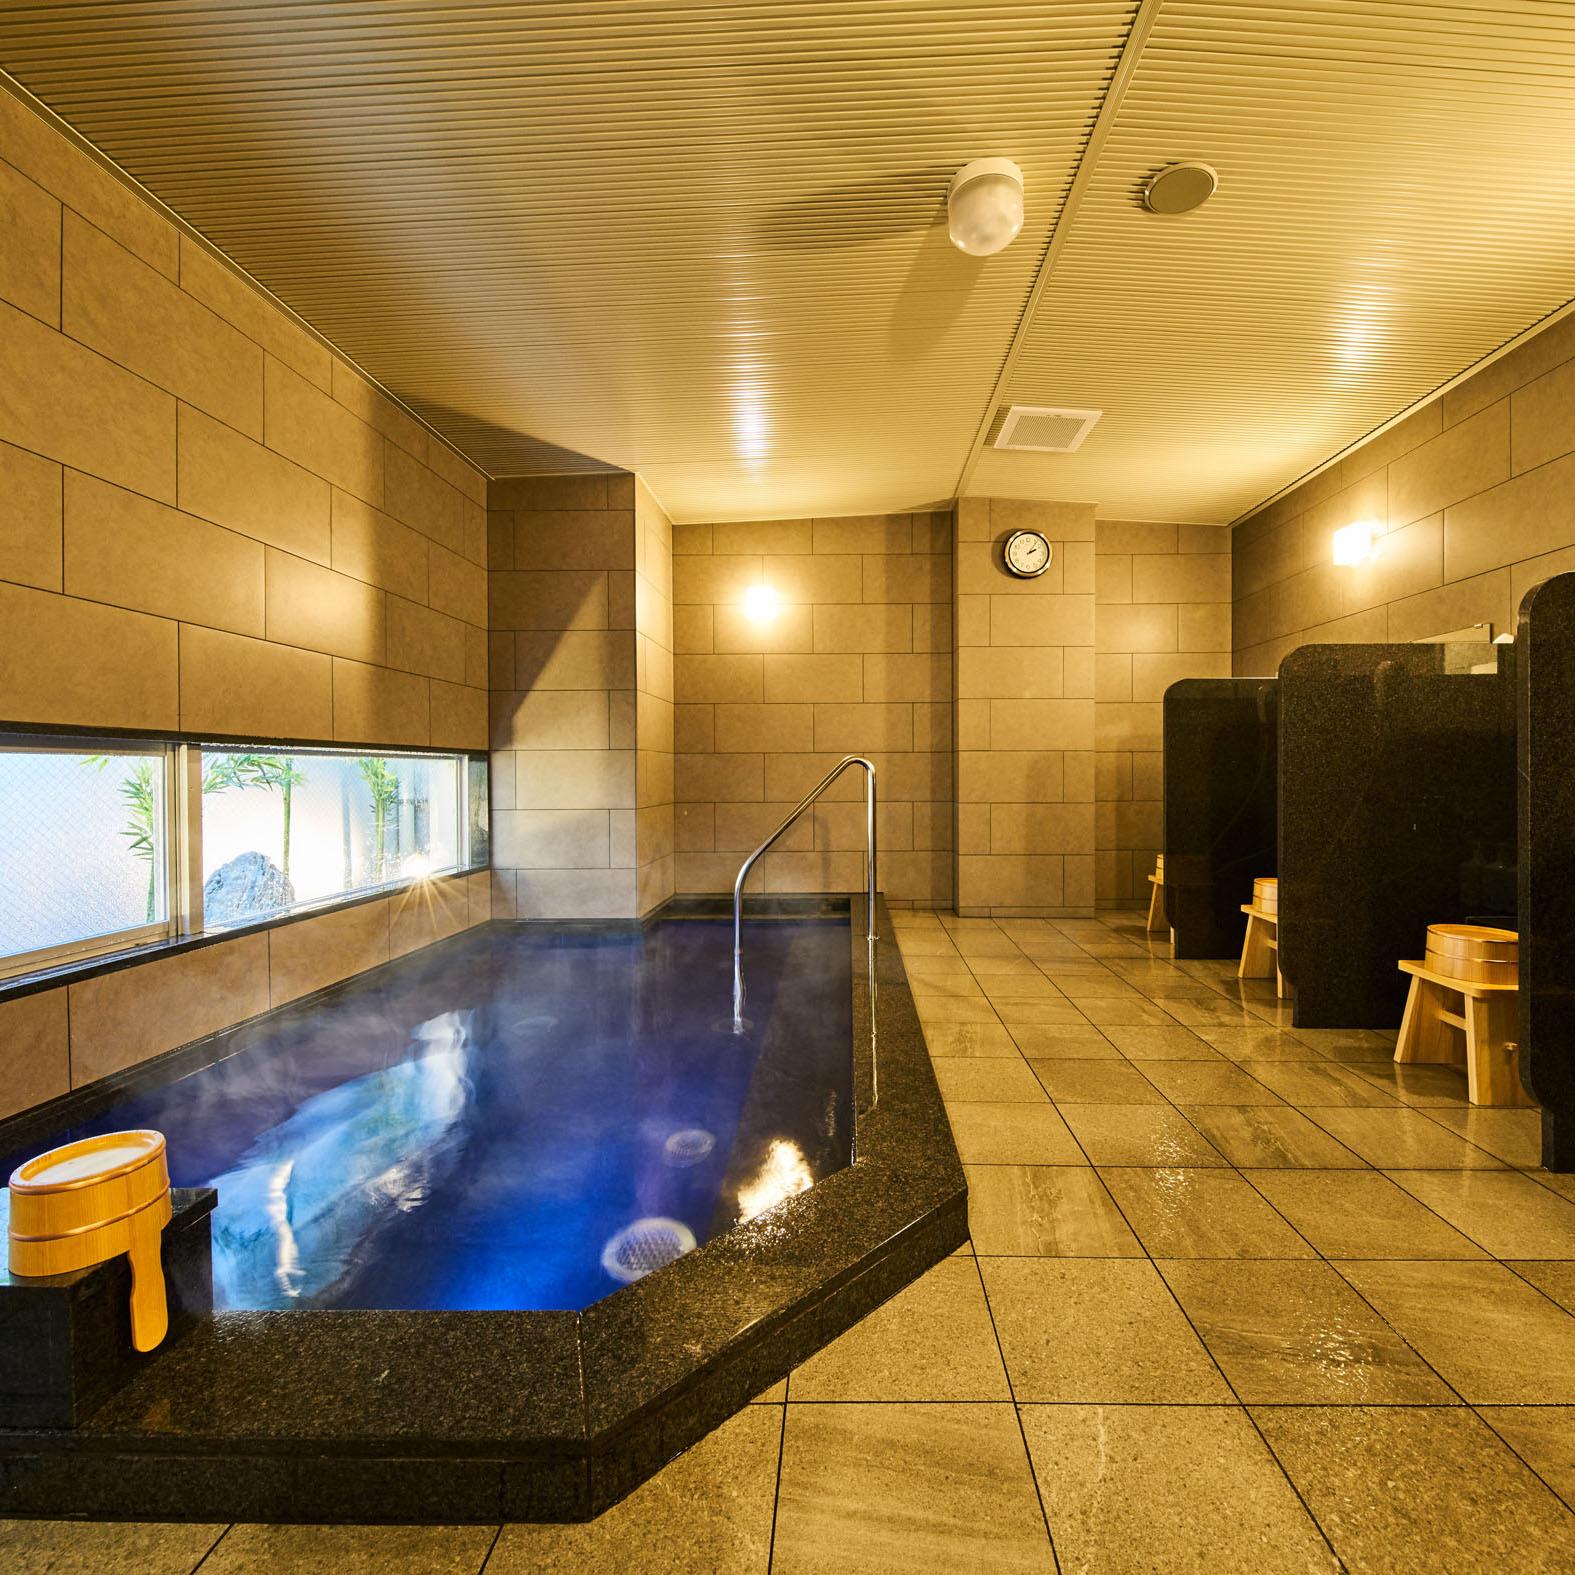 男女別天然温泉「浮城の湯」善入寺温泉より運搬。 神経痛や筋肉痛、慢性皮膚病に効果があります。 足を延ばして、ゆったりとおくつろぎくださいませ。 入浴時間は男女とも、15:00~9:30となっており、夜通しお入りいただけます。